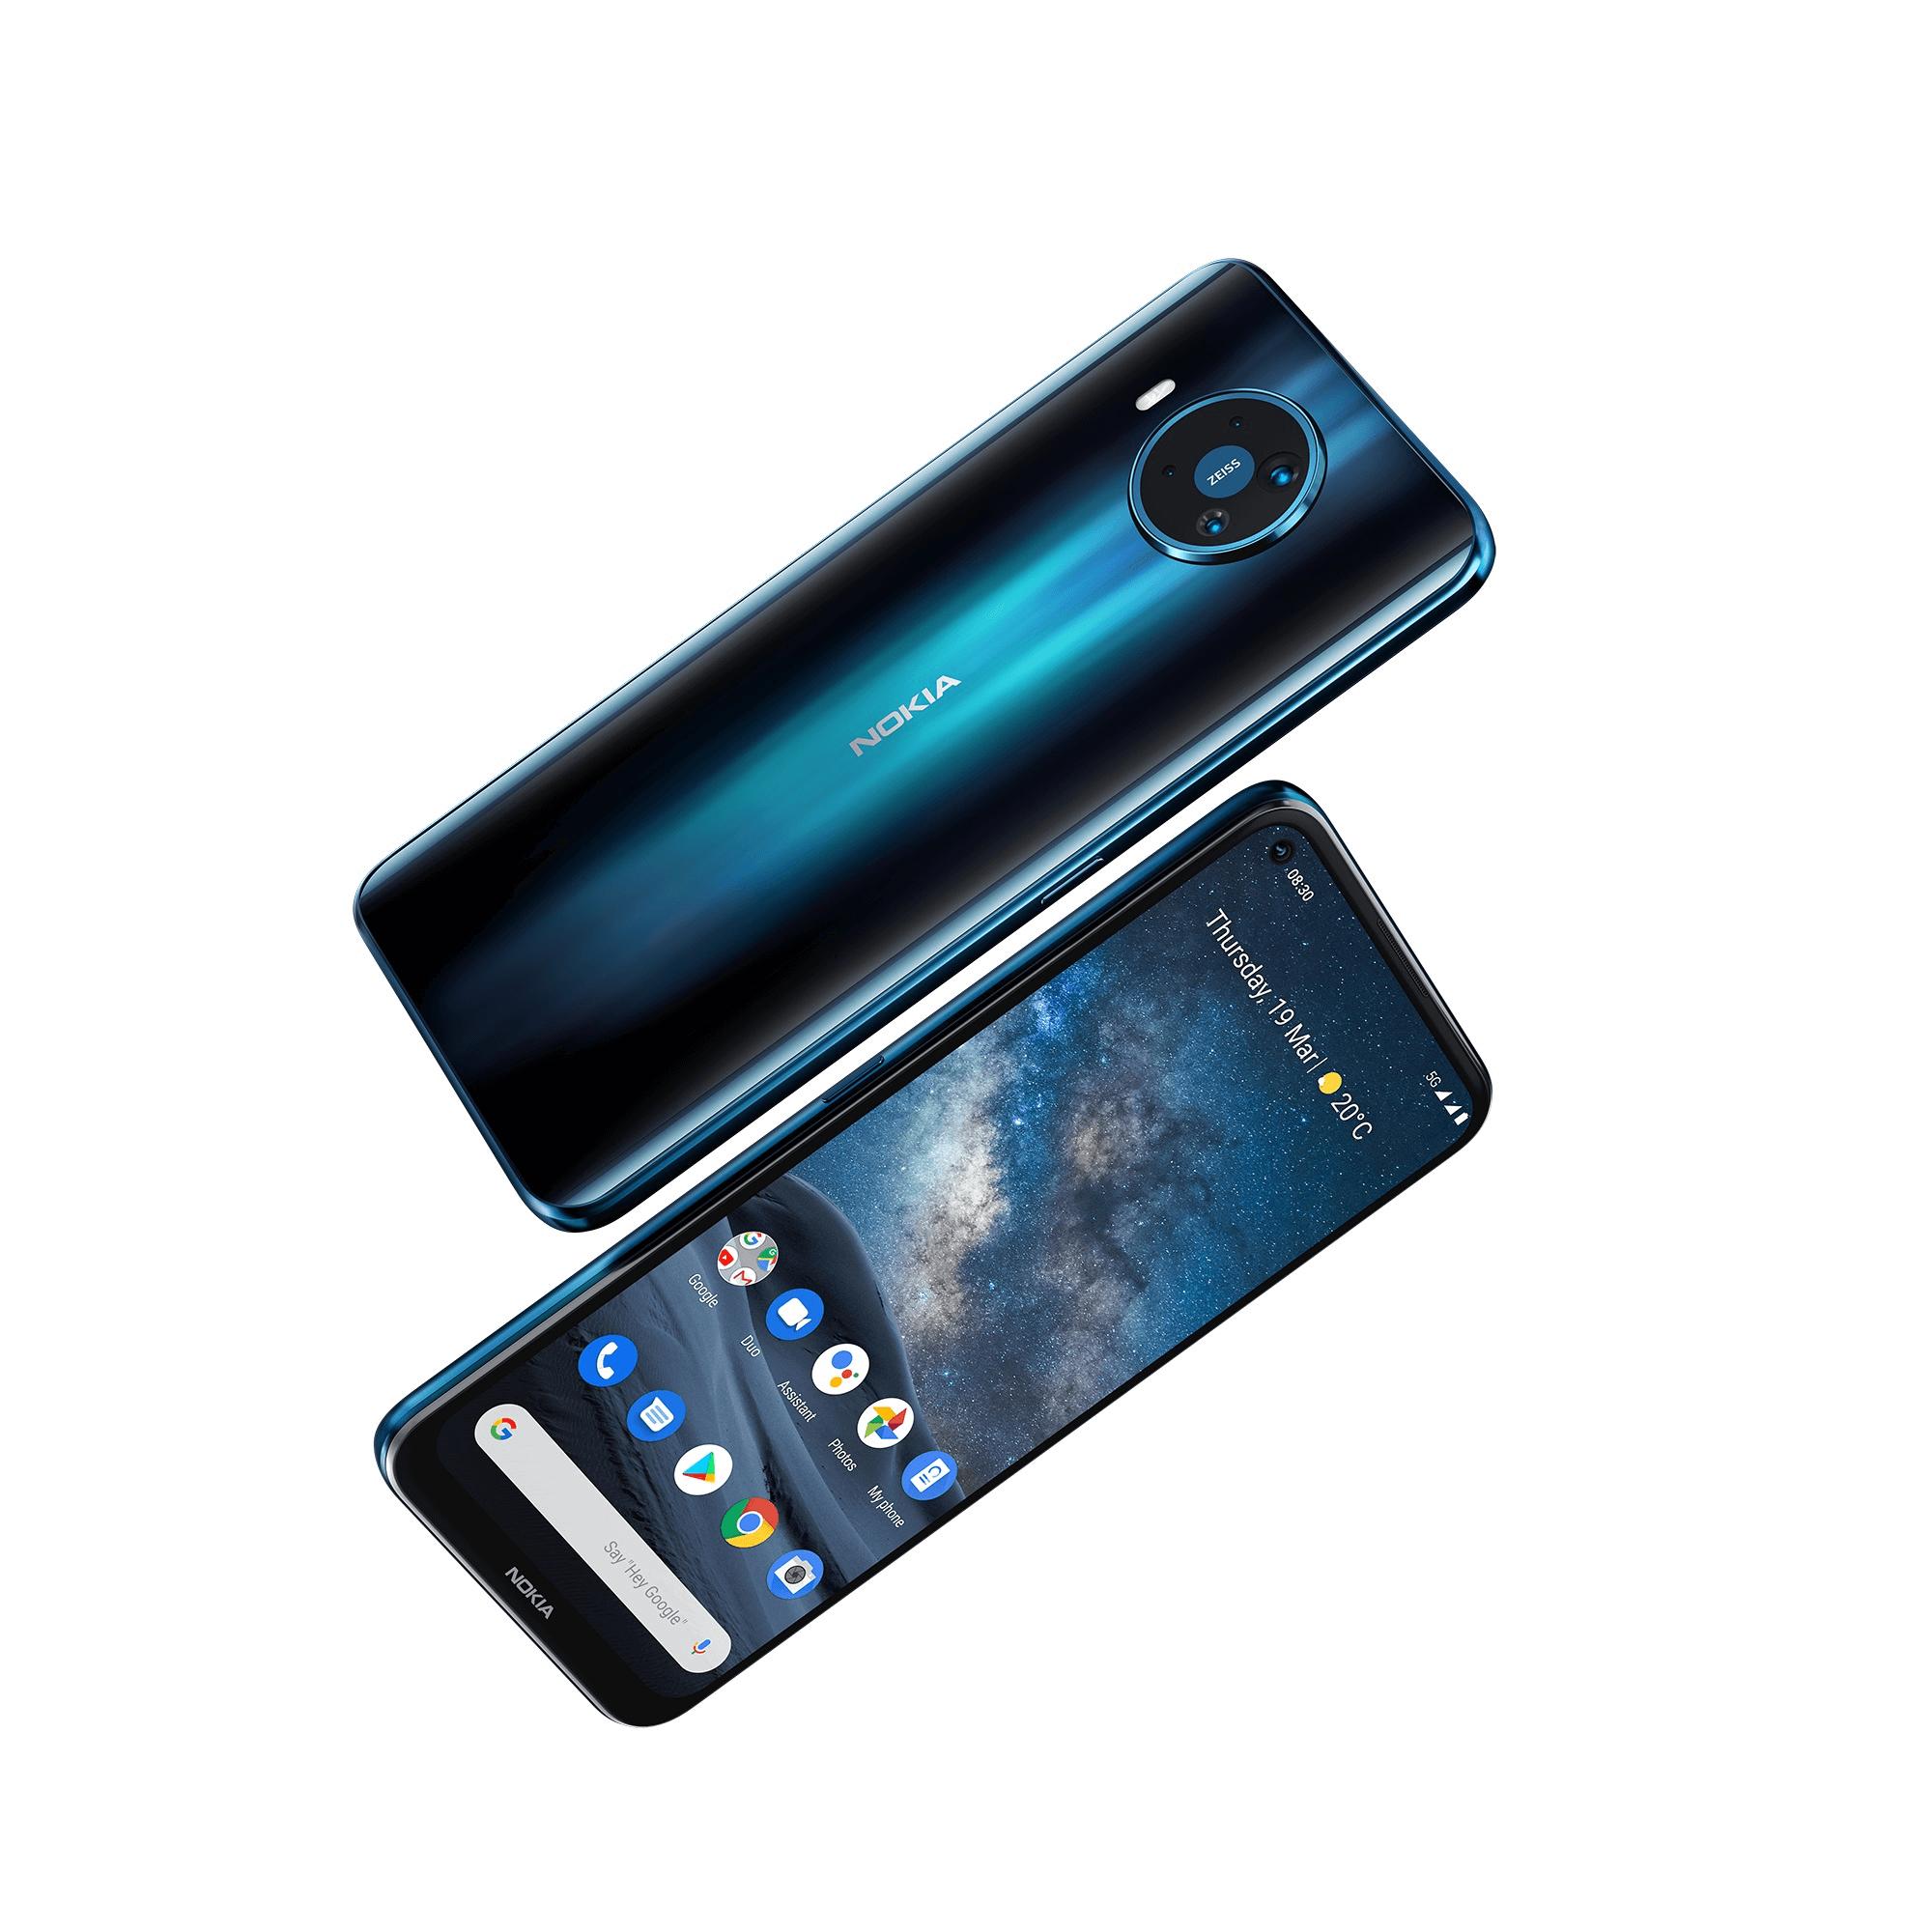 HMD Global expande su portafolio con 4 nuevos modelos, incluyendo el primer smartphone Nokia 5G